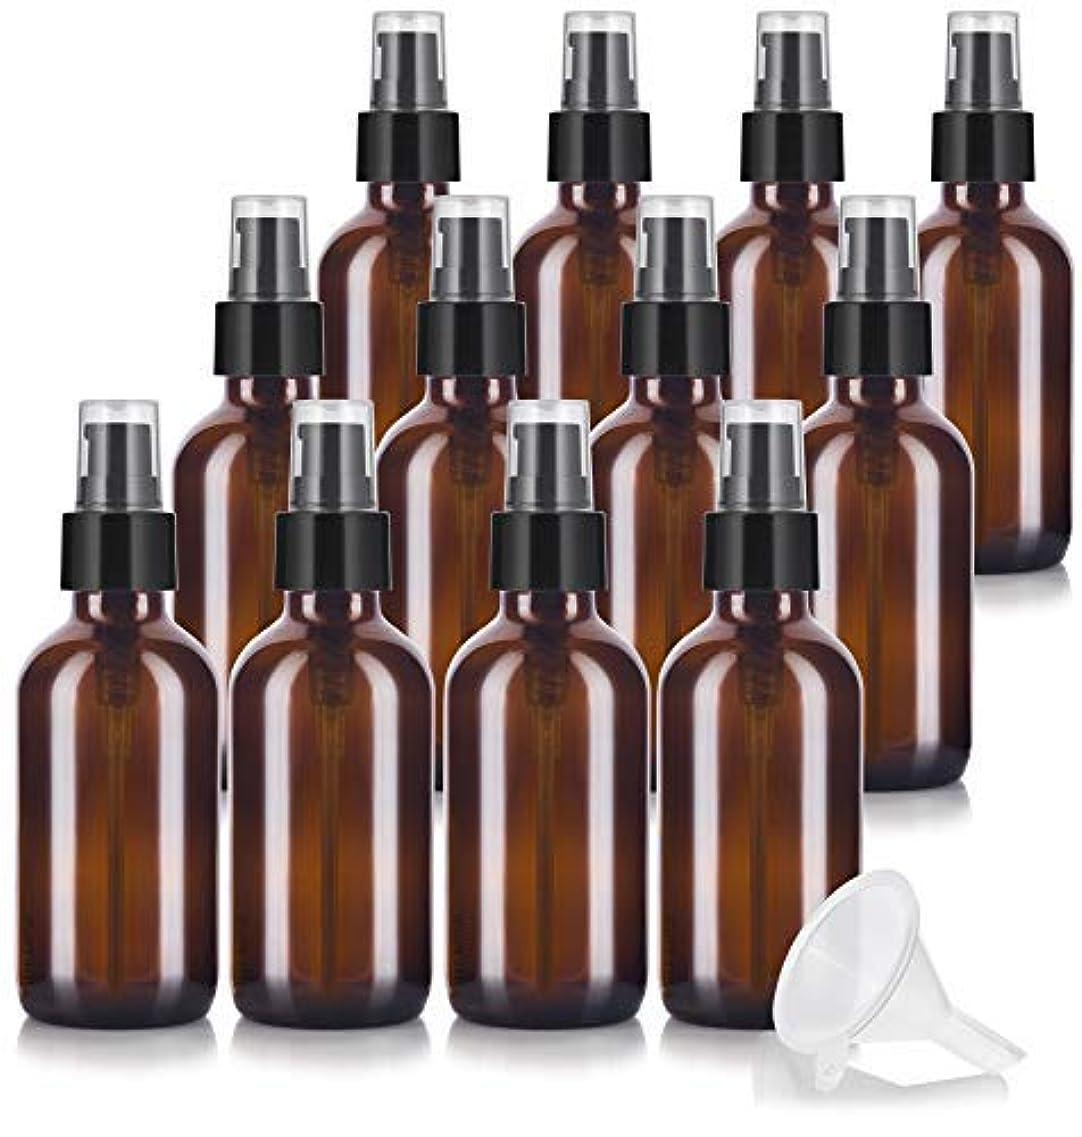 好意プレートボンド4 oz Amber Glass Boston Round Treatment Pump Bottle (12 pack) + Funnel and Labels for essential oils, aromatherapy,food grade, bpa free [並行輸入品]